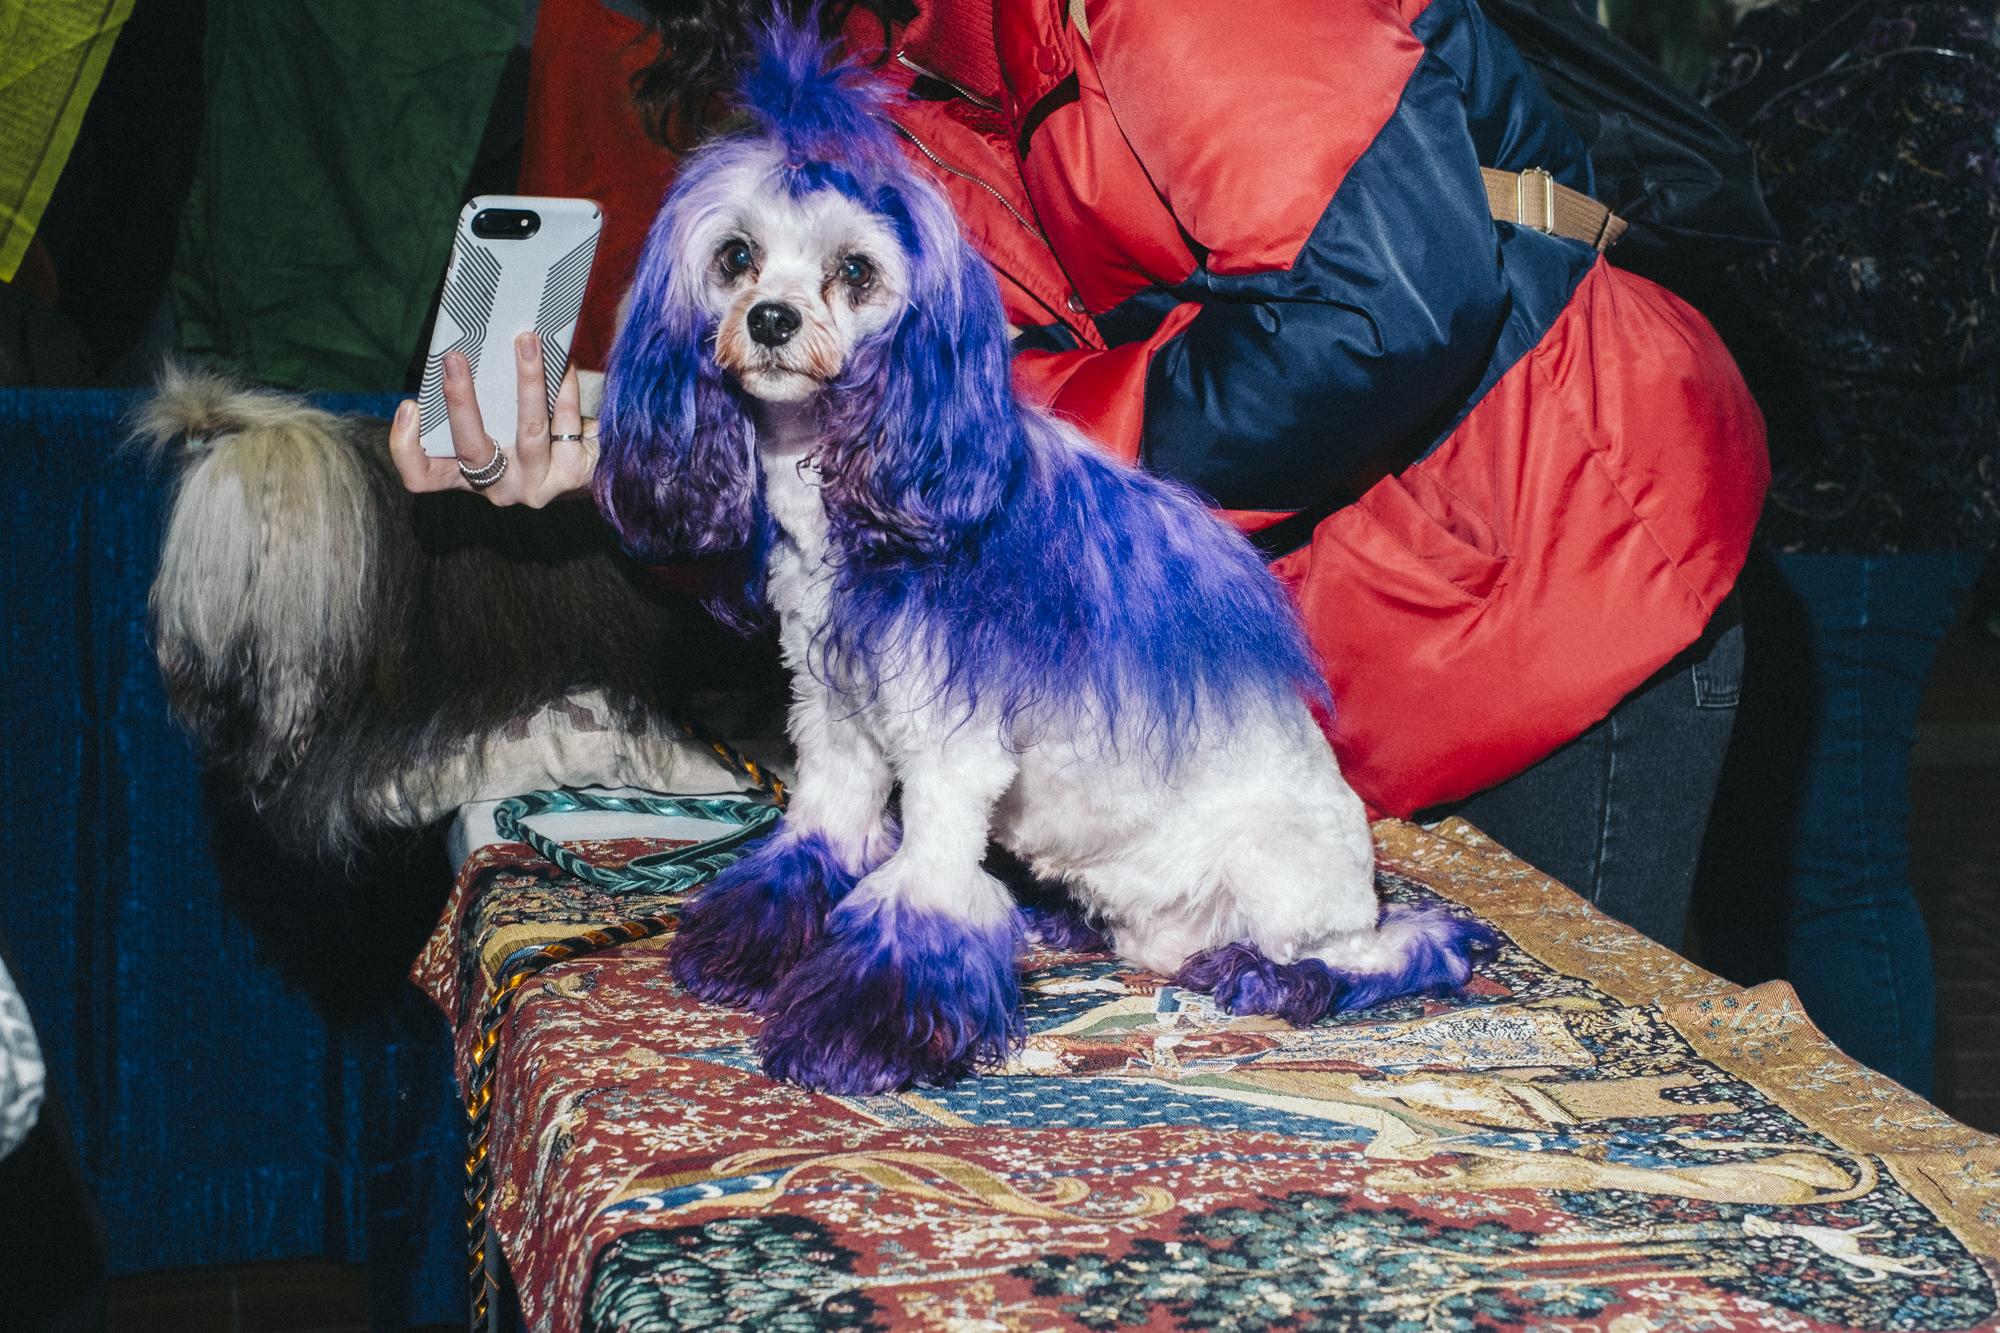 westminster-meet-greet-dogs-7.jpg